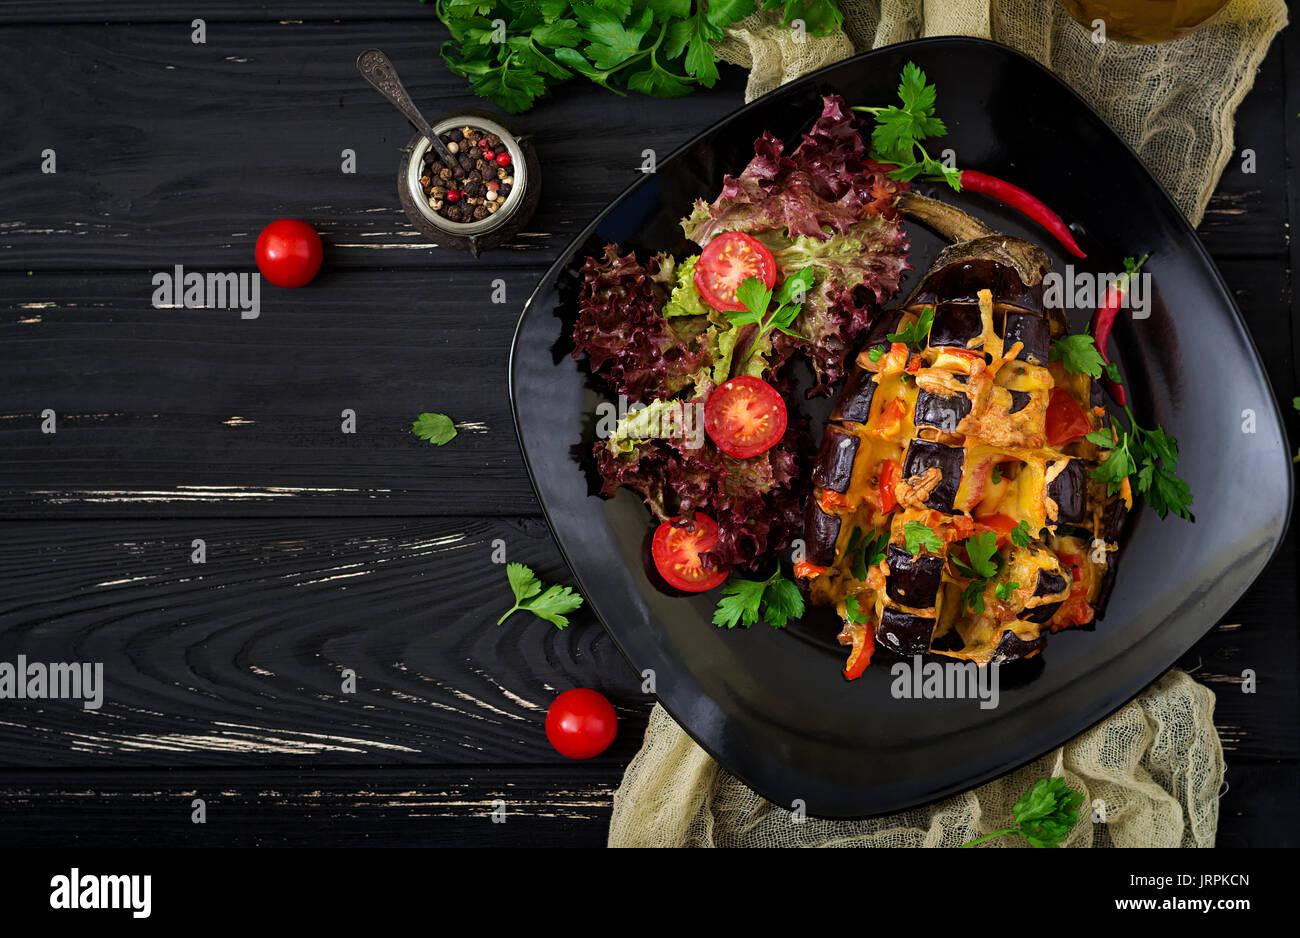 L'aubergine cuite au four avec du fromage et des tomates. Mise à plat. Vue d'en haut Banque D'Images